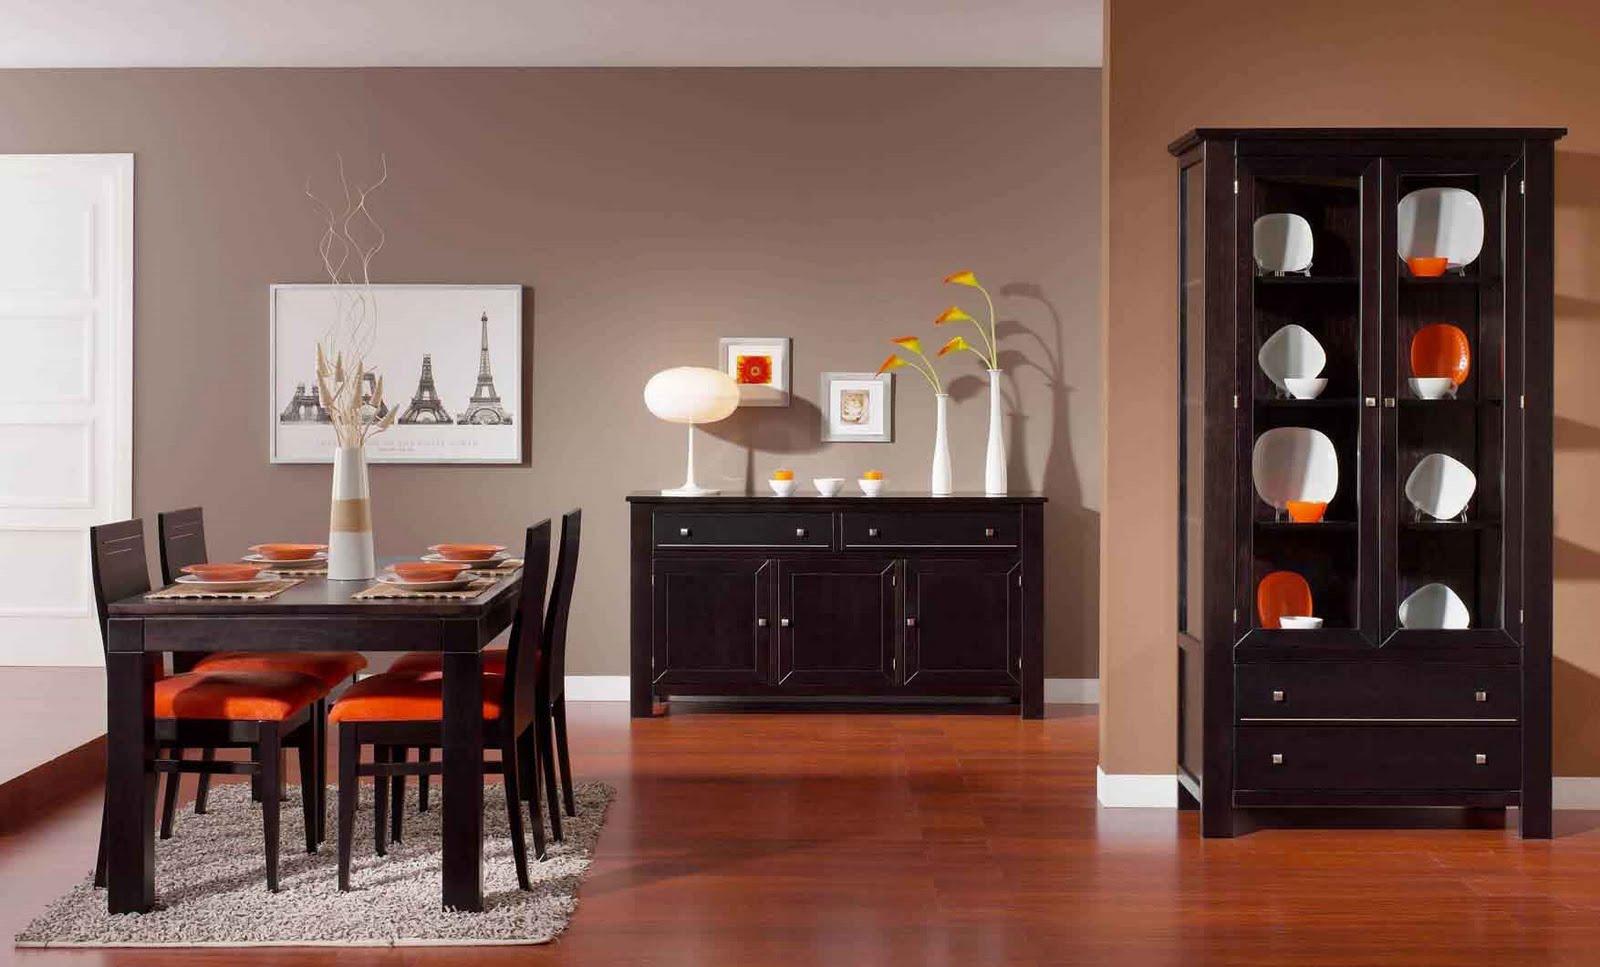 Dise o de interiores decoraci n del comedor for Decorar casa con muebles wengue